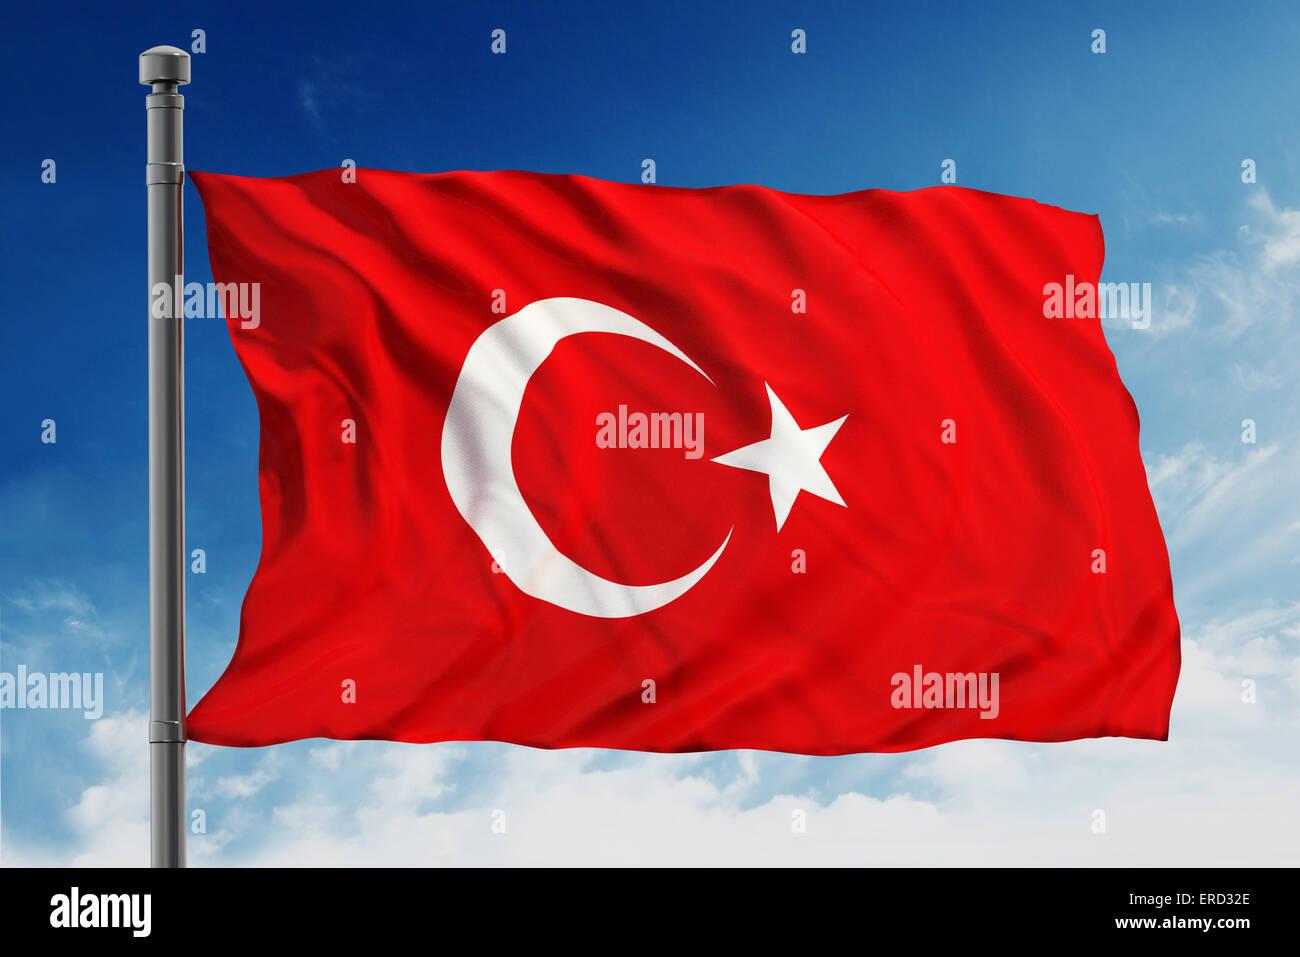 Flag of turkey on blue sky background - Stock Image